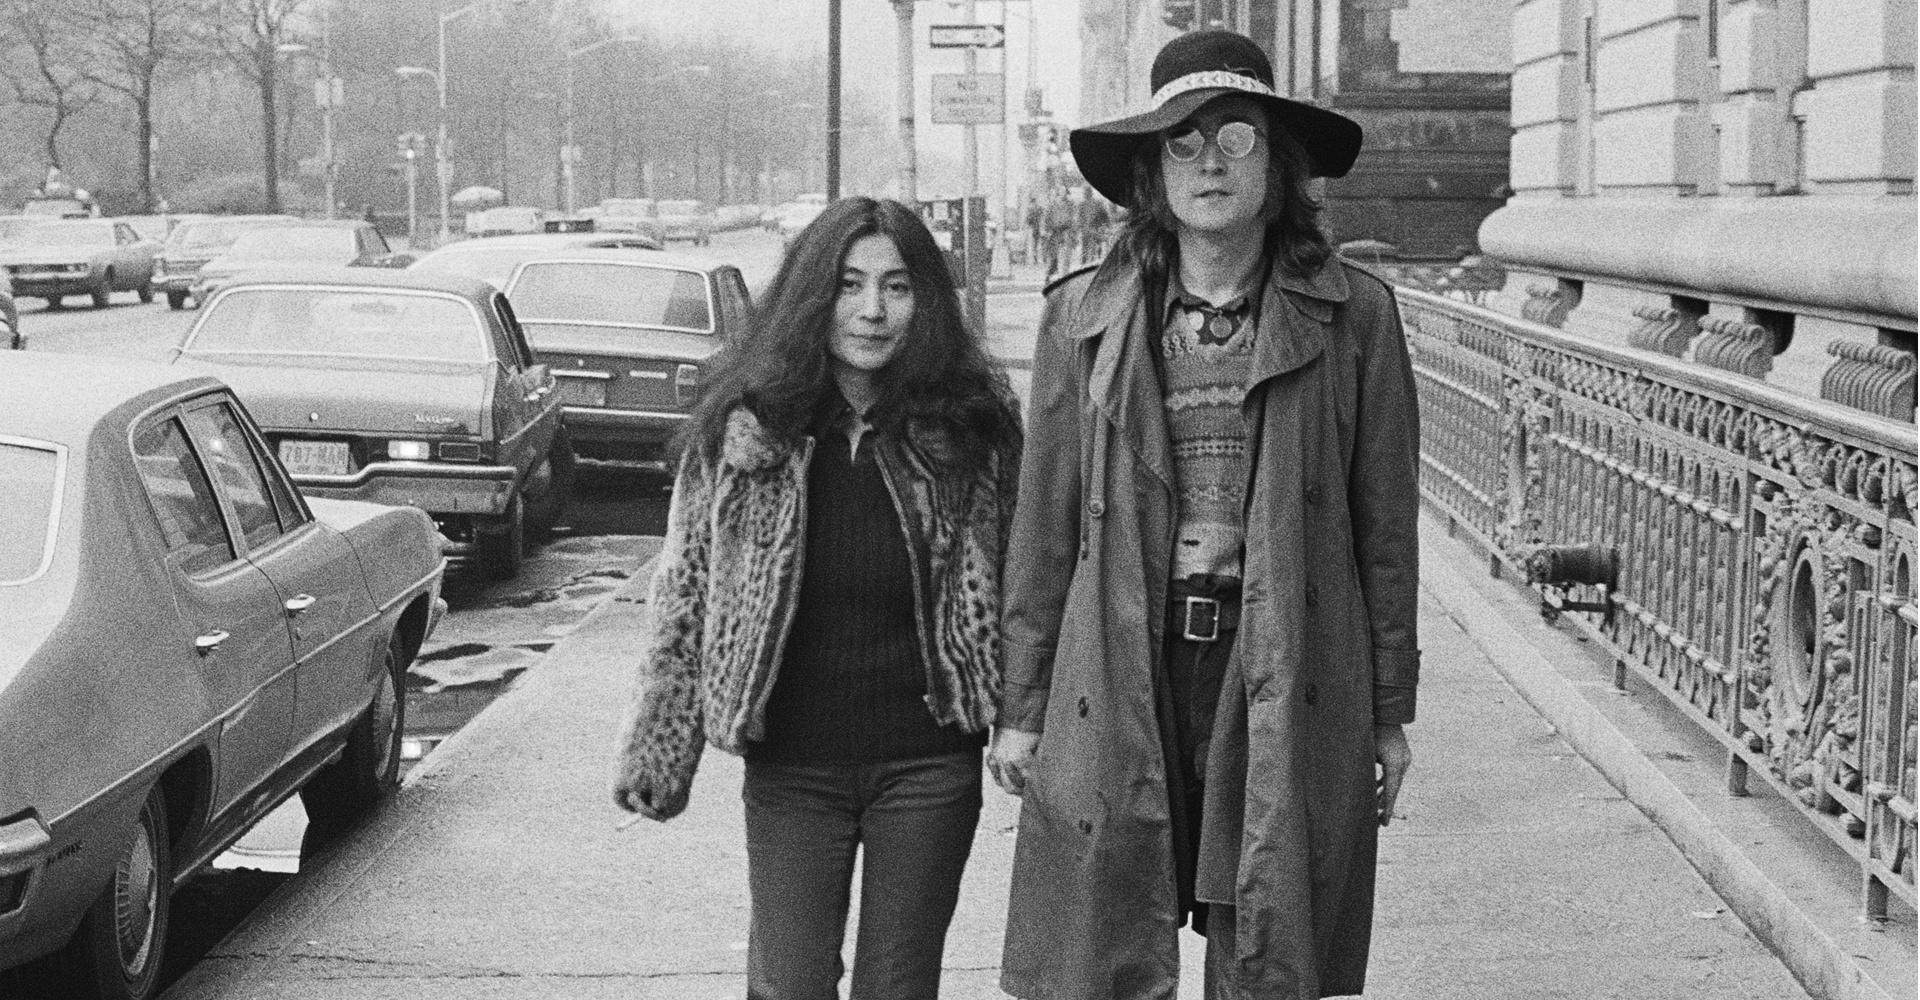 John Lennon & Yoko - New York City, NY